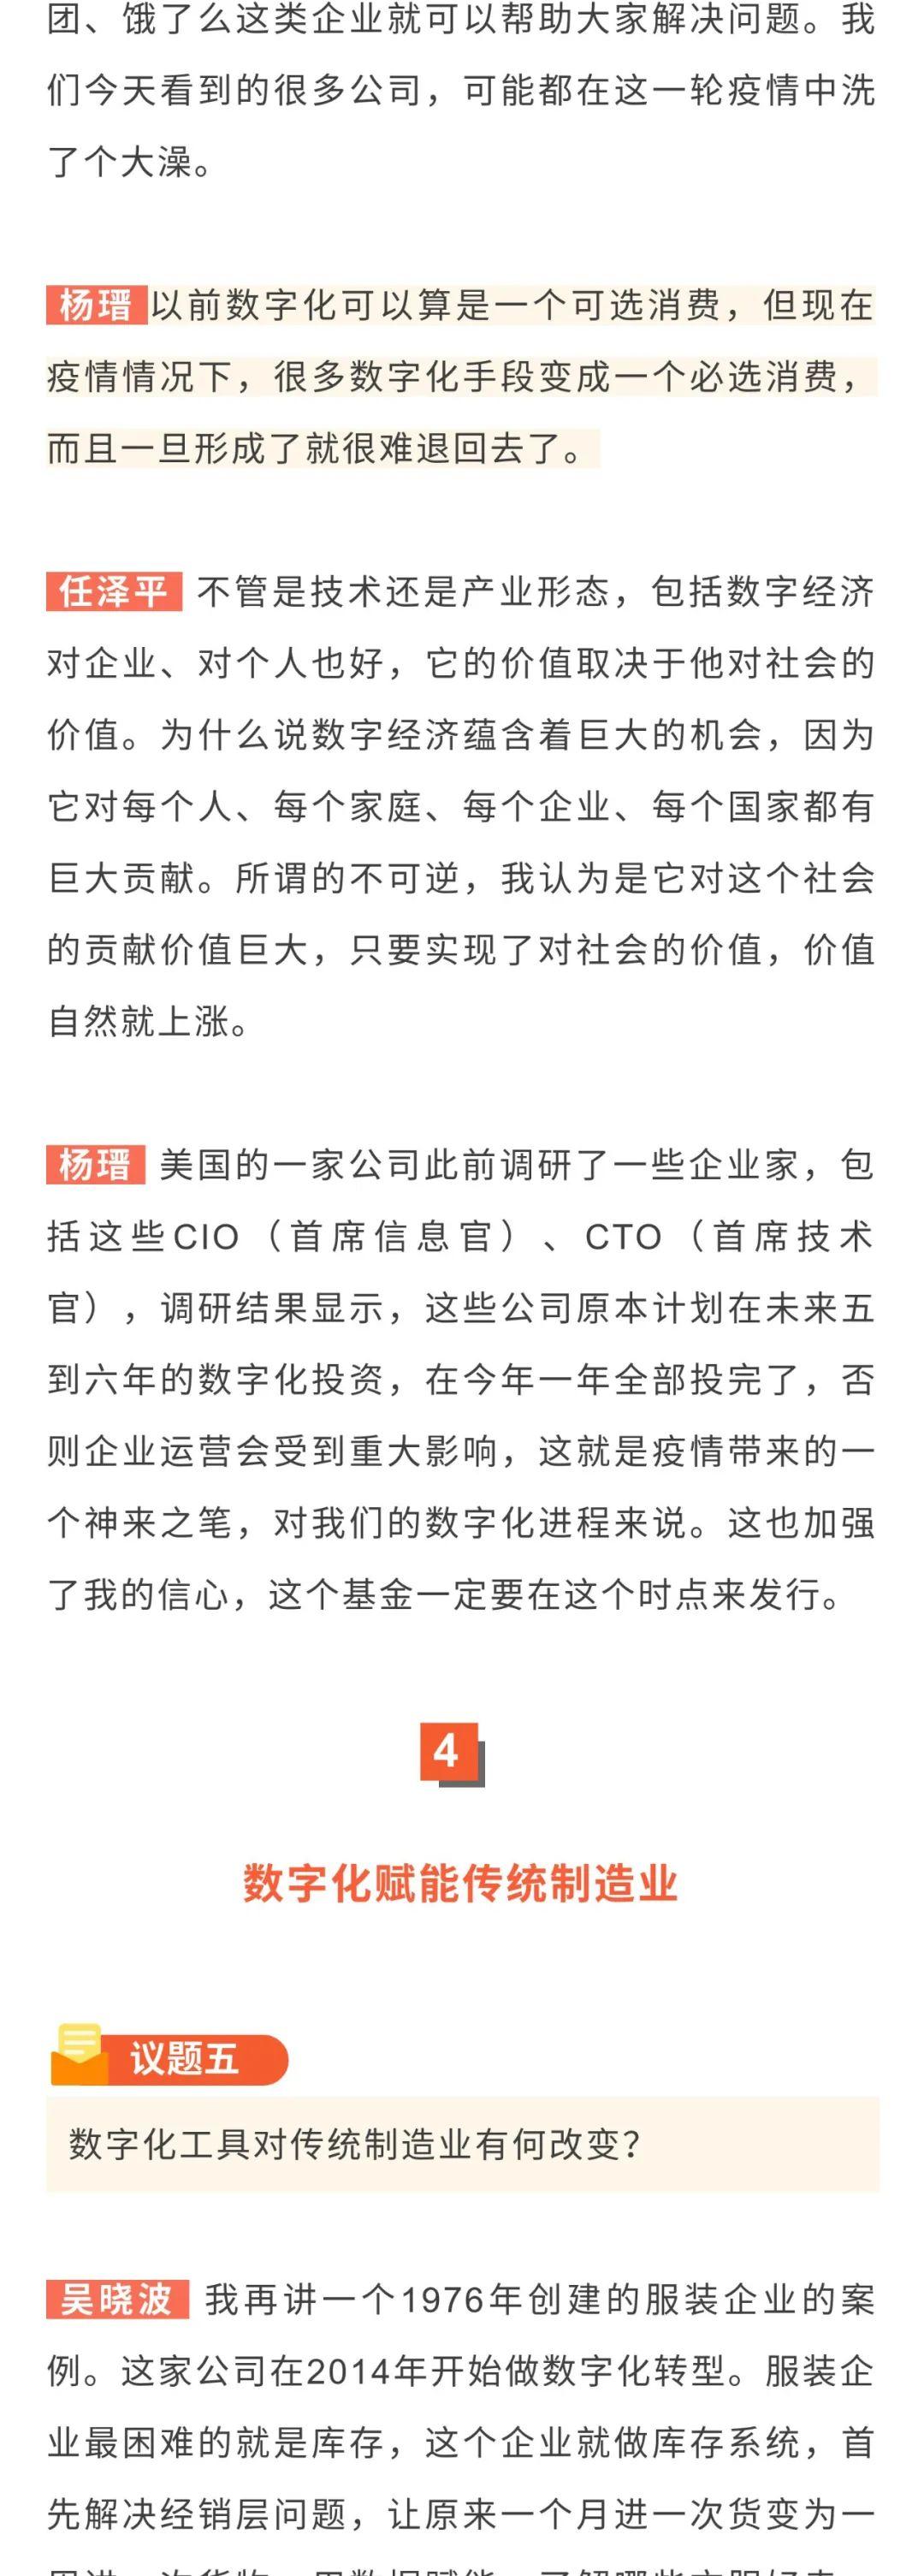 未来20年,大变局下的机会在哪里?任泽平、吴晓波、杨瑨深度解析!